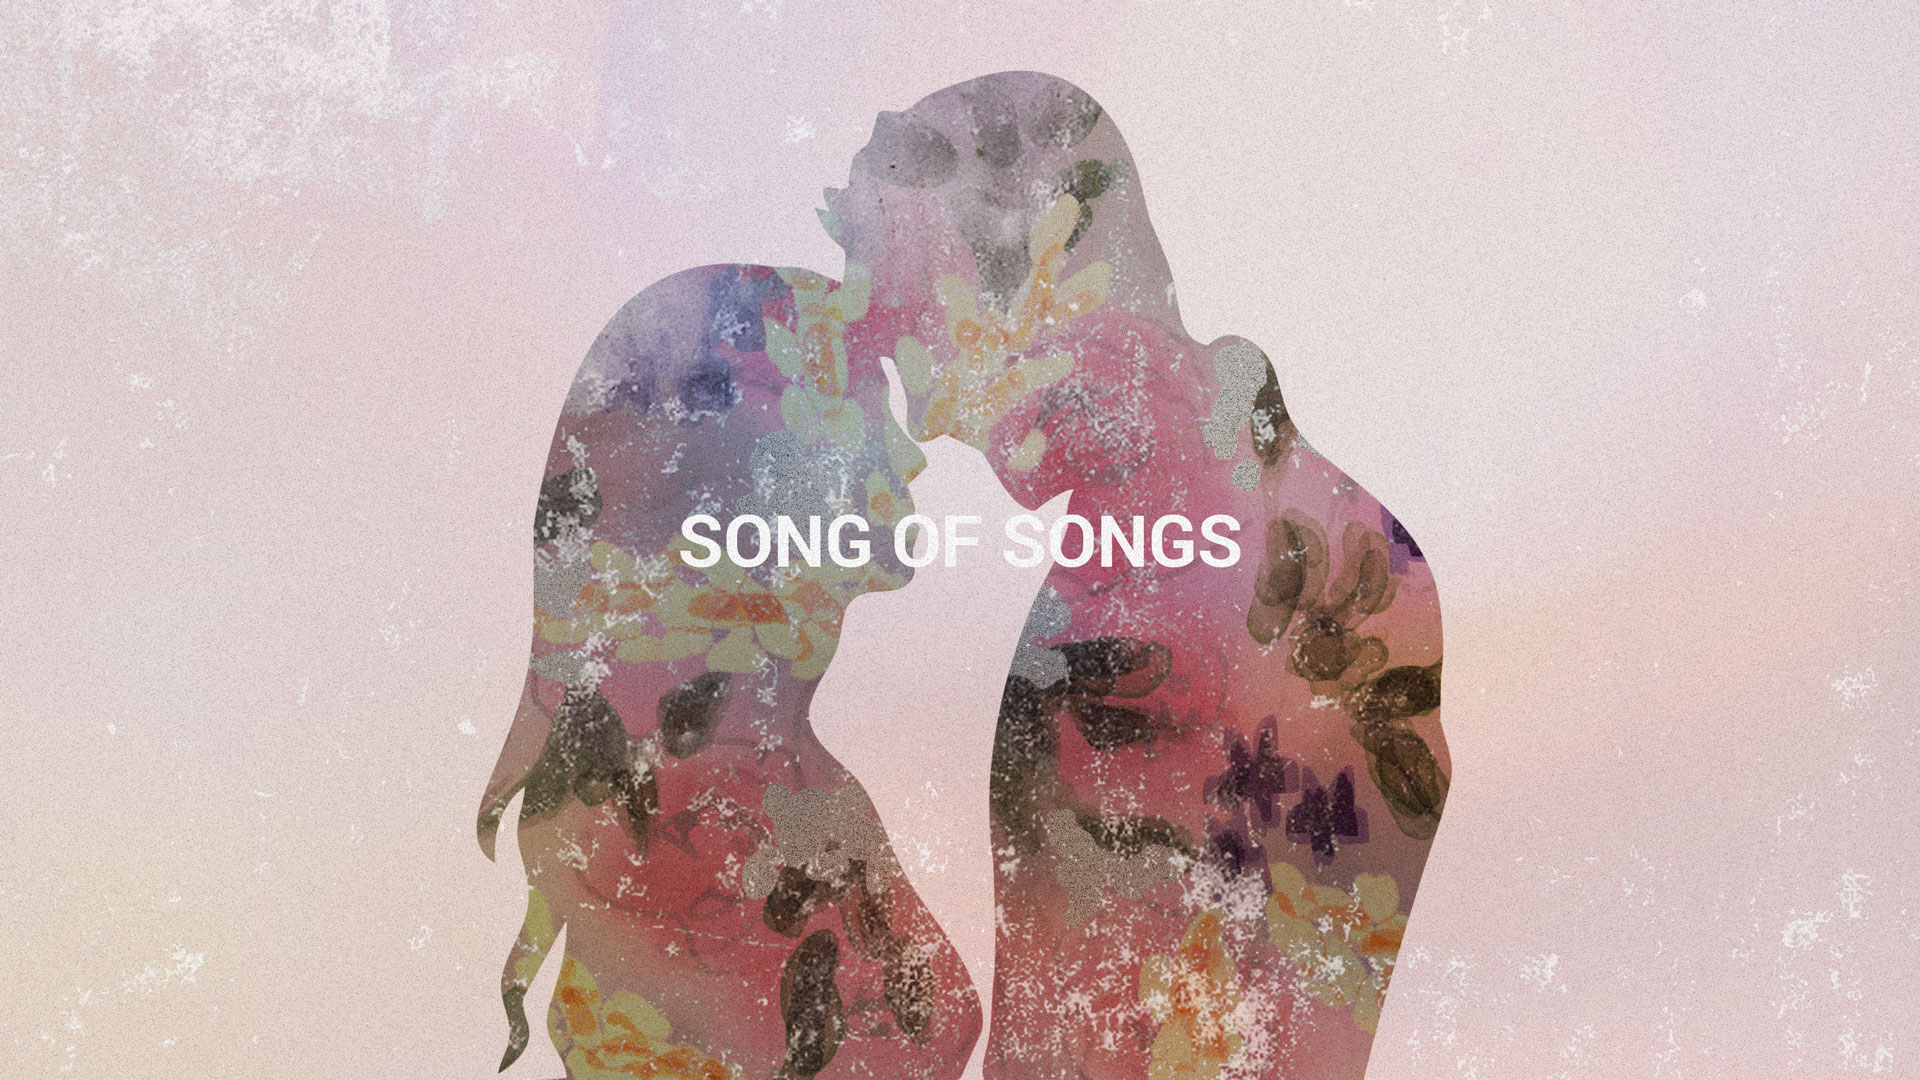 song_of_songs_1_main.jpg